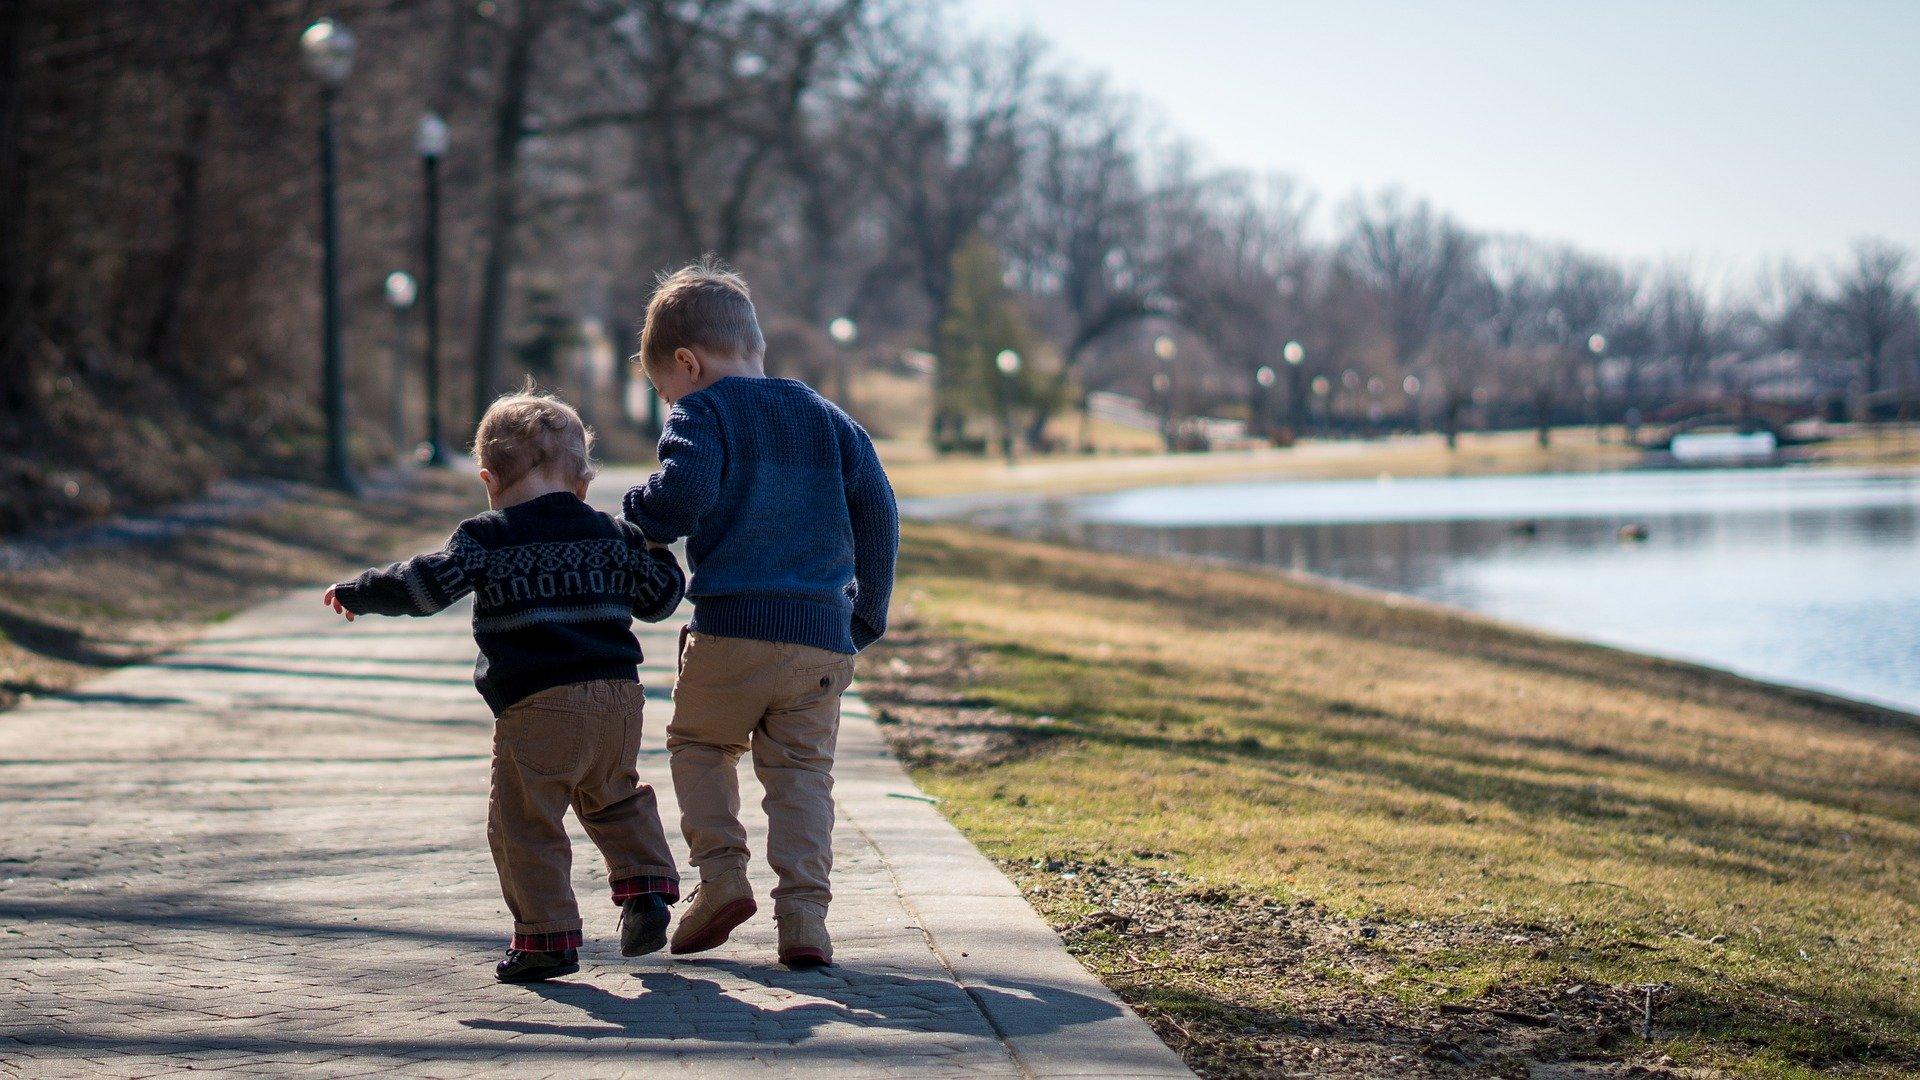 zasada nierozdzielania rodzeństwa po rozwodzie